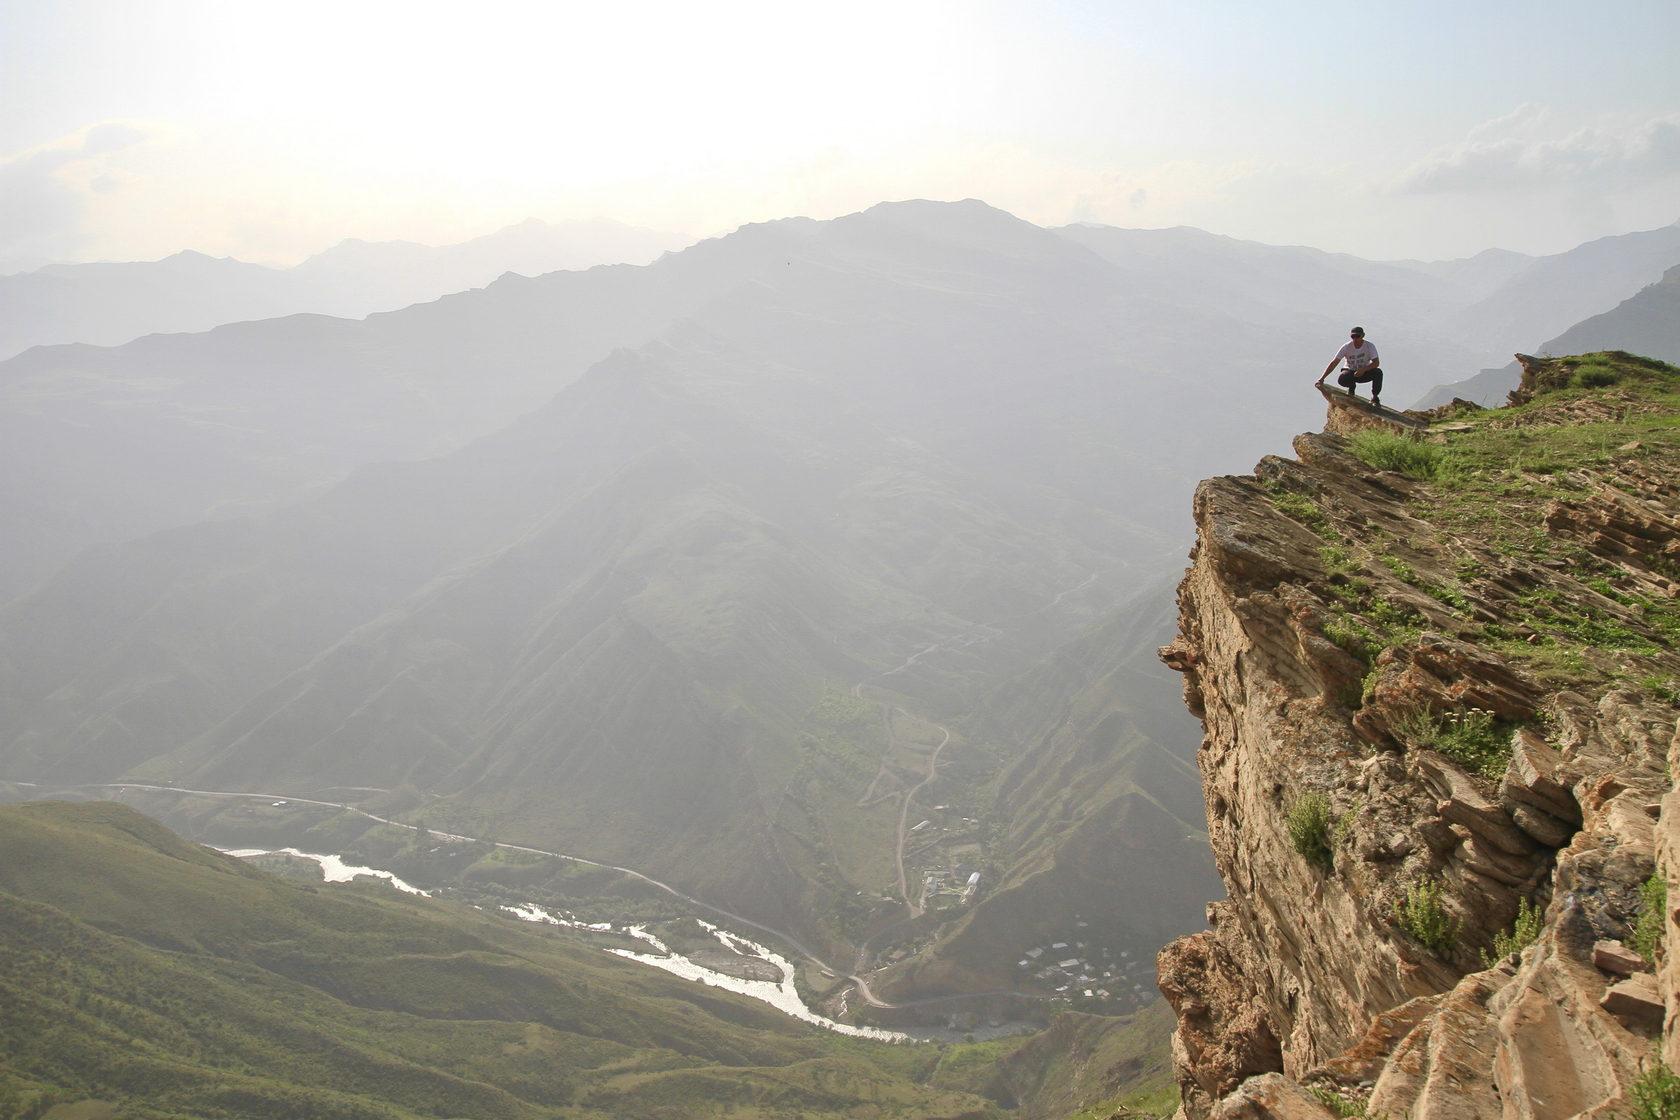 Горы хуеры чечня дагестан, коллекция роликов экстремальный фистинг предметами